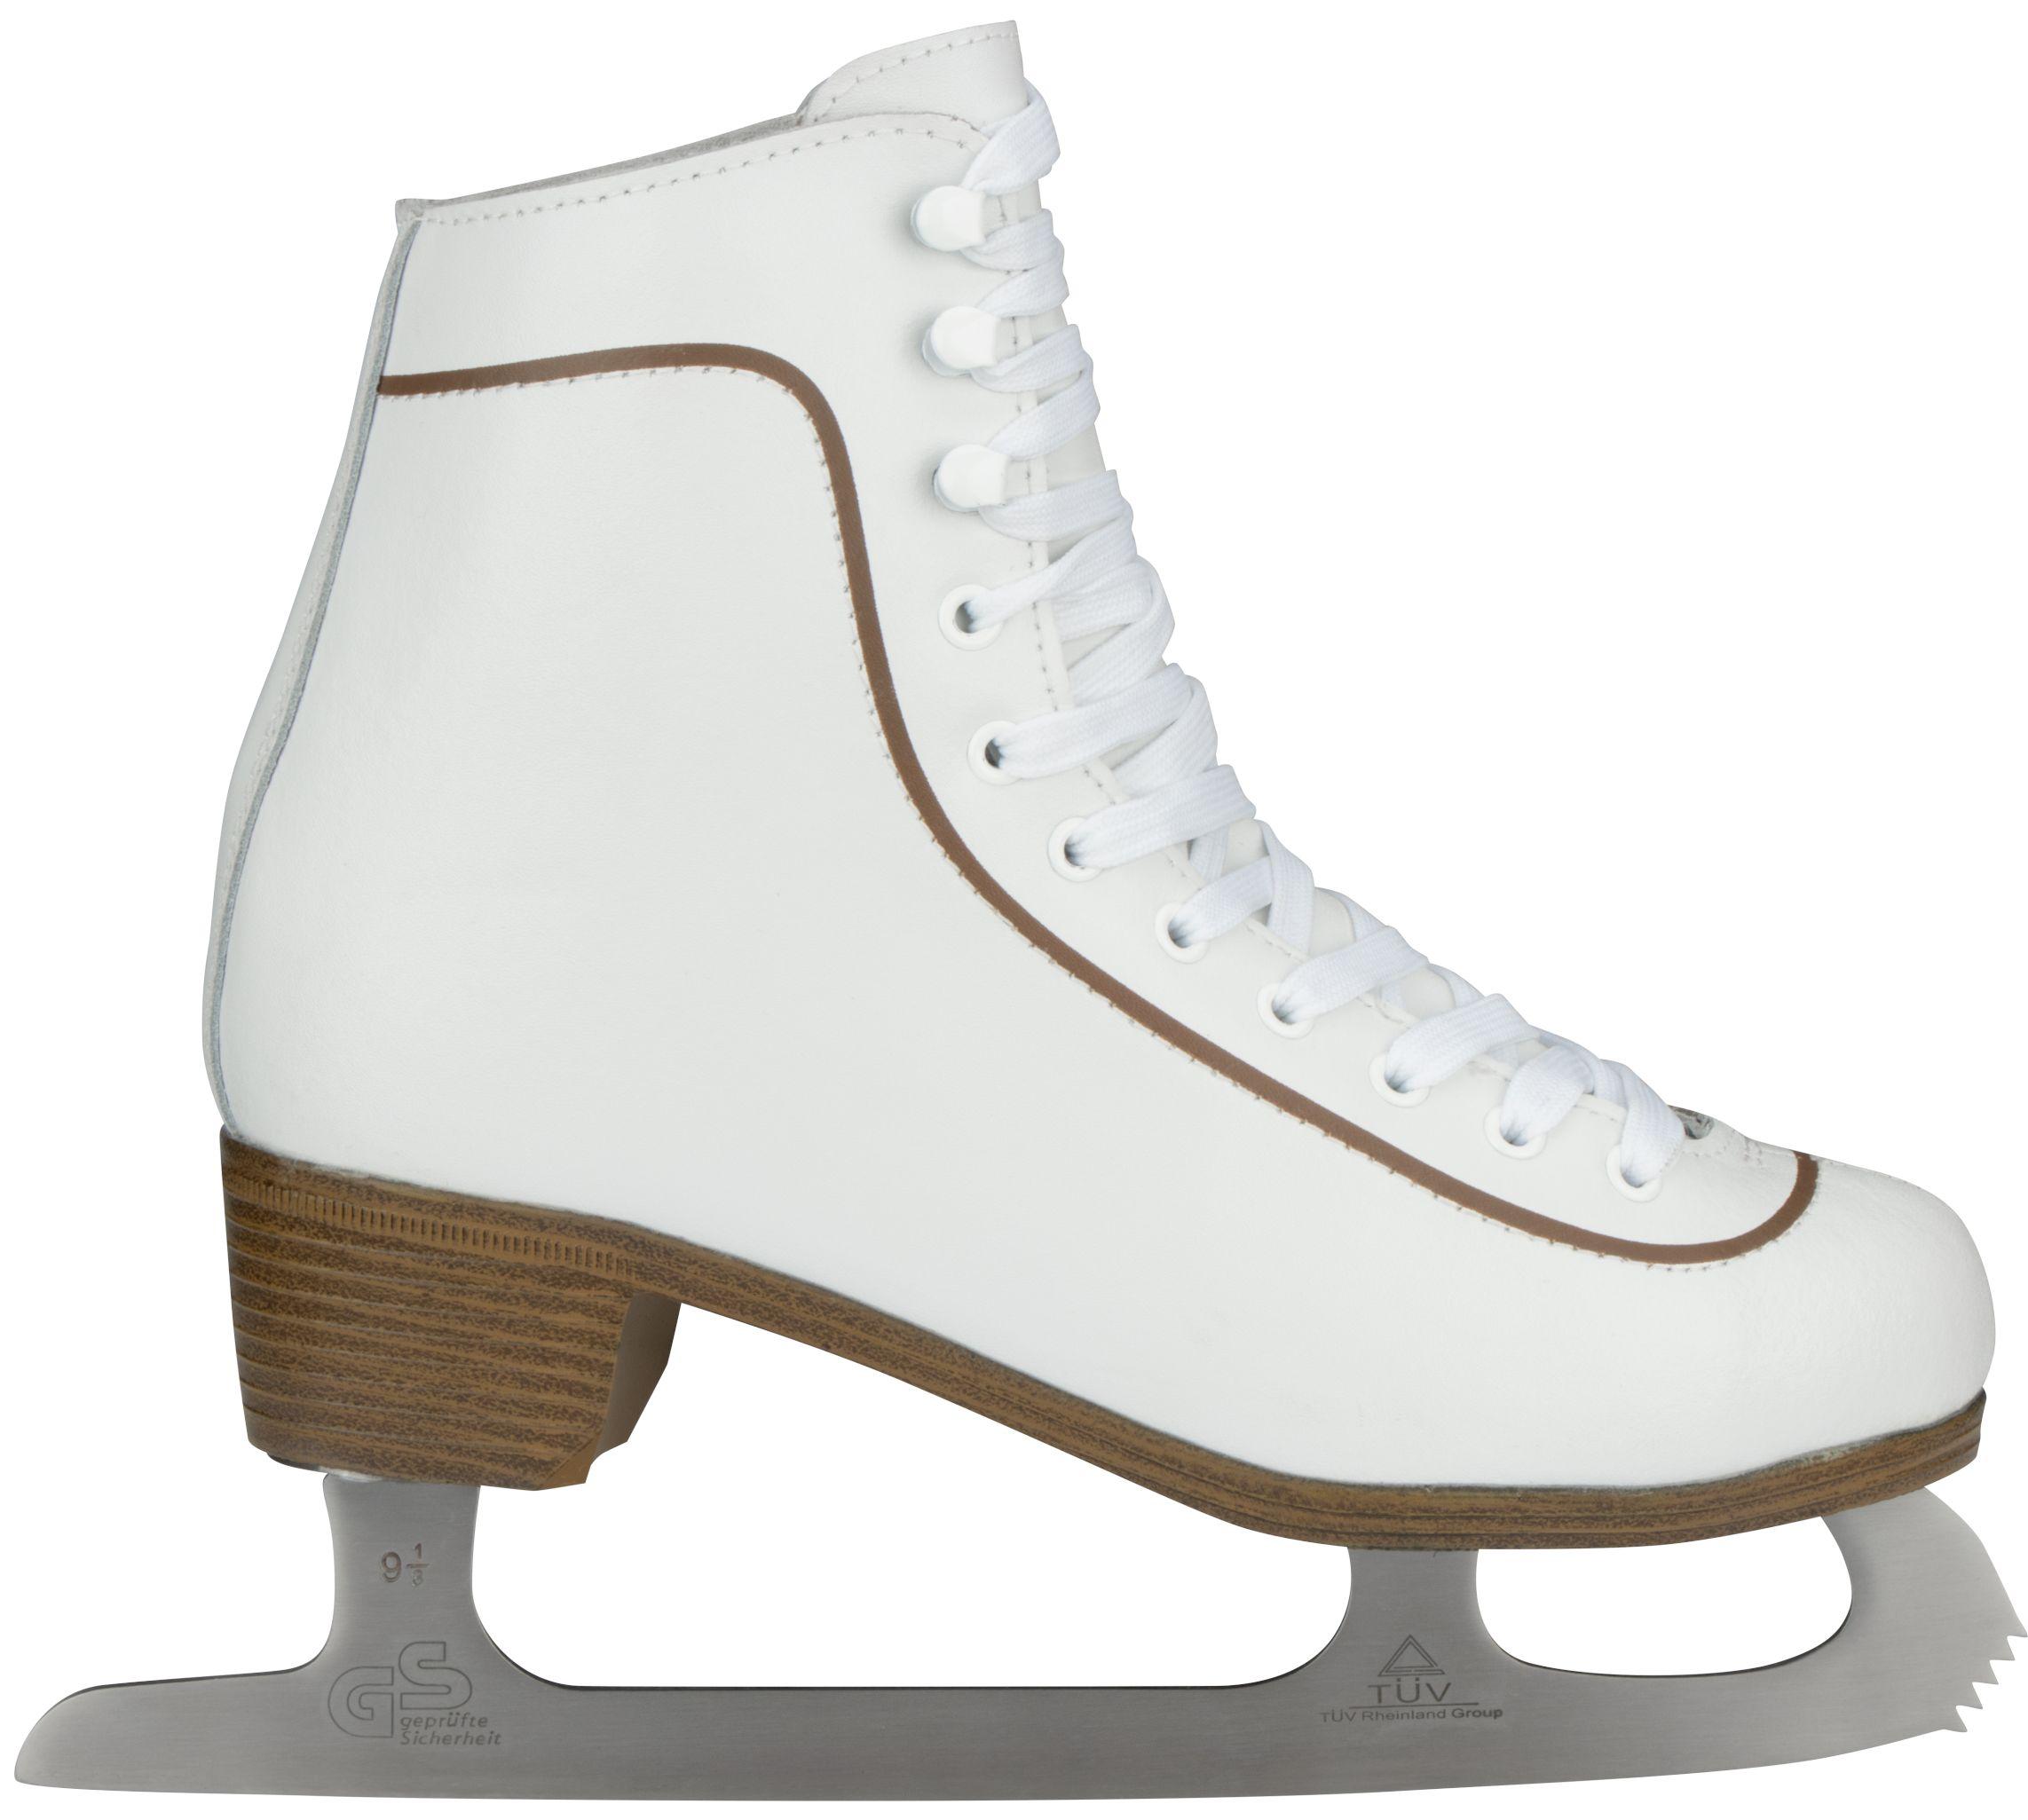 Nijdam Unisex Polyamide Schlittschuhe Ice Hockey Skate 38 EU